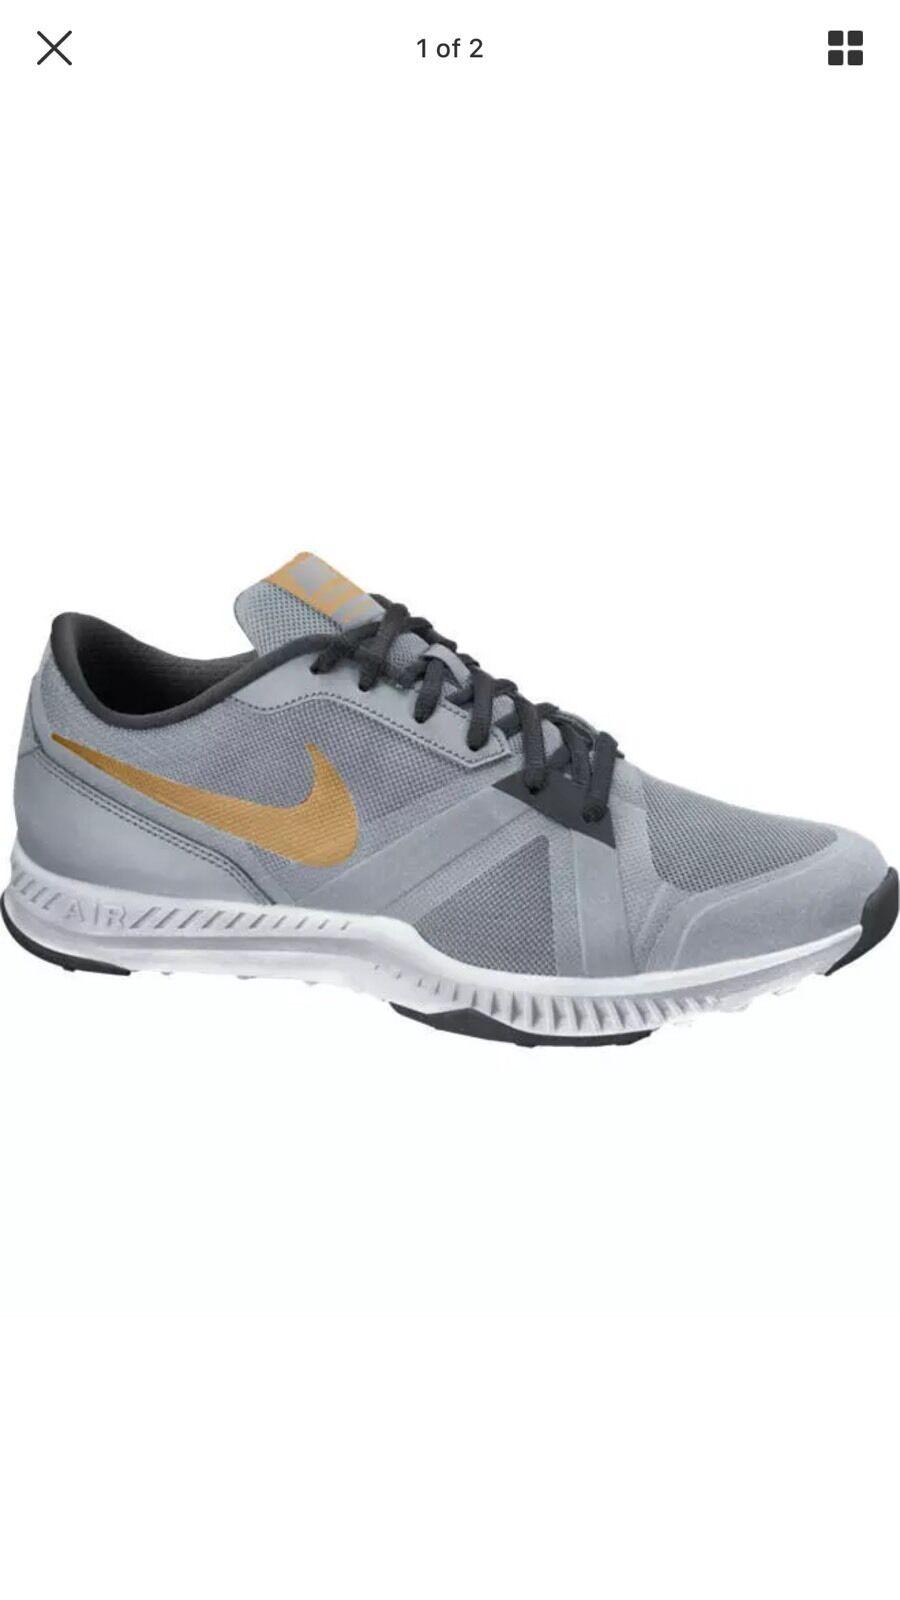 Nike air epico scarpe velocittr 819003-002 Uomo scarpe epico sz 11,5 argento / oro nwb b272a5